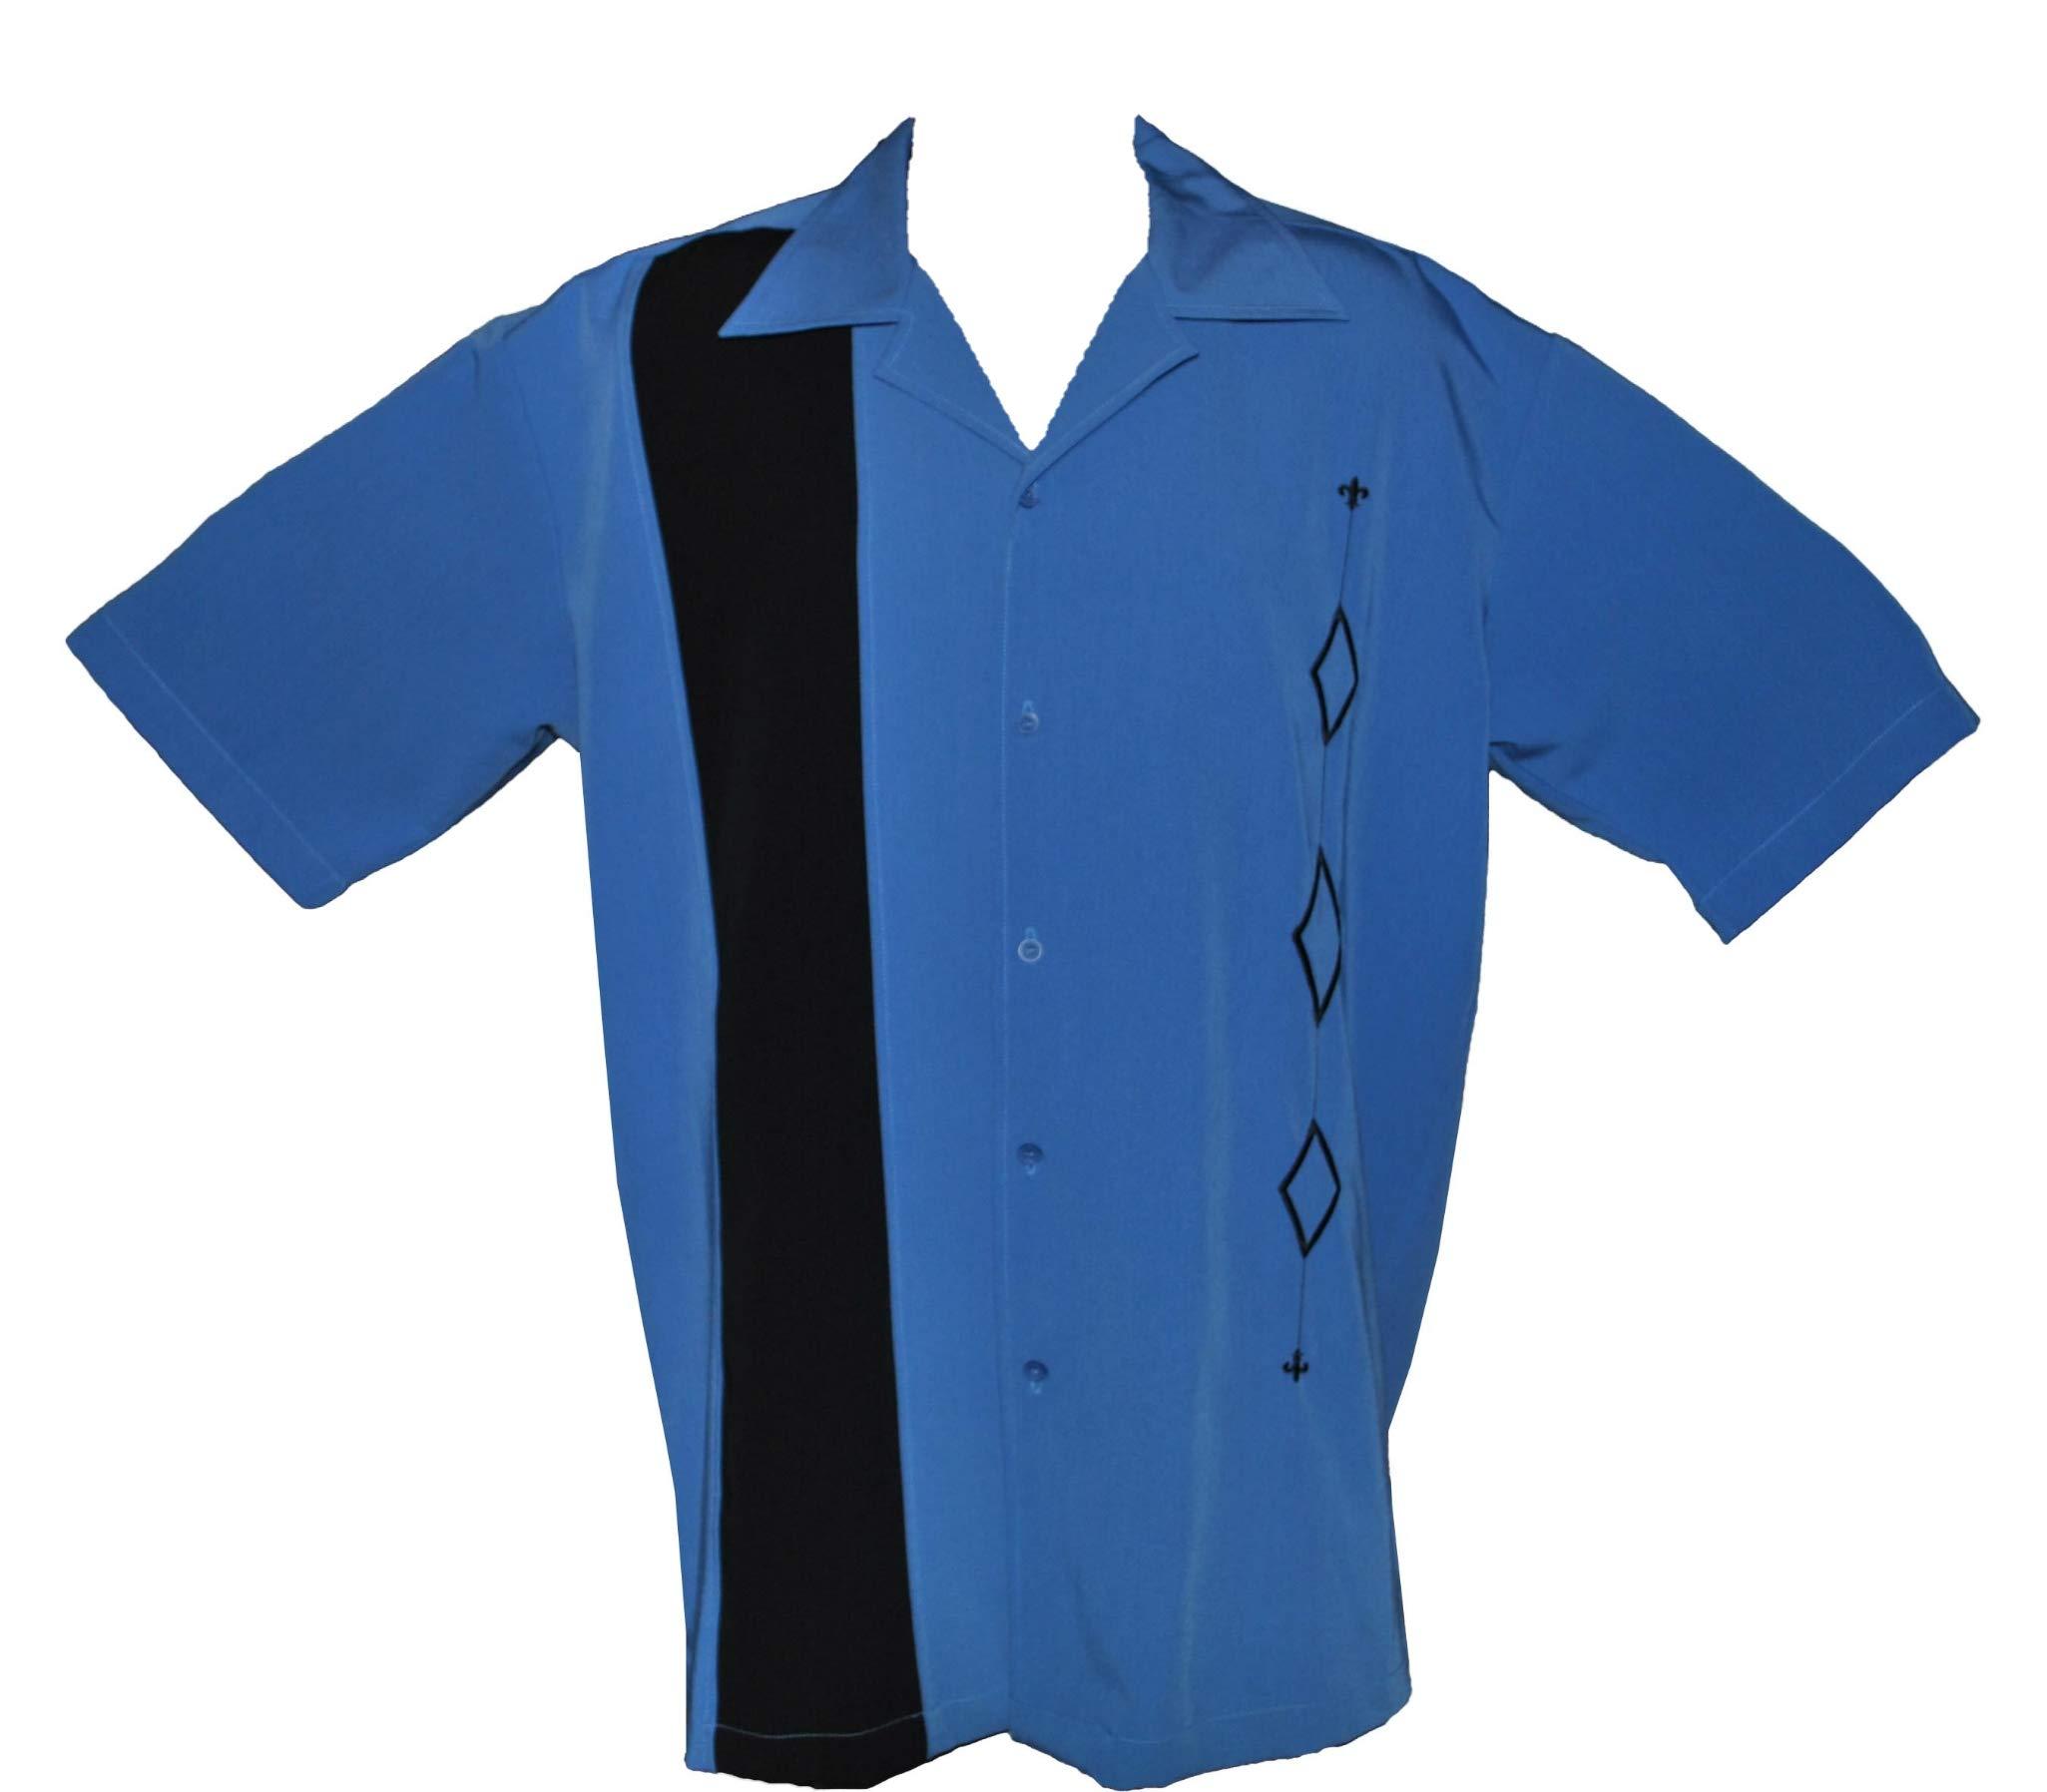 Designs by Attila Mens 2XLT Retro Bowling Shirt, Big & Tall Sizes. Alaska Blue by Designs by Attila